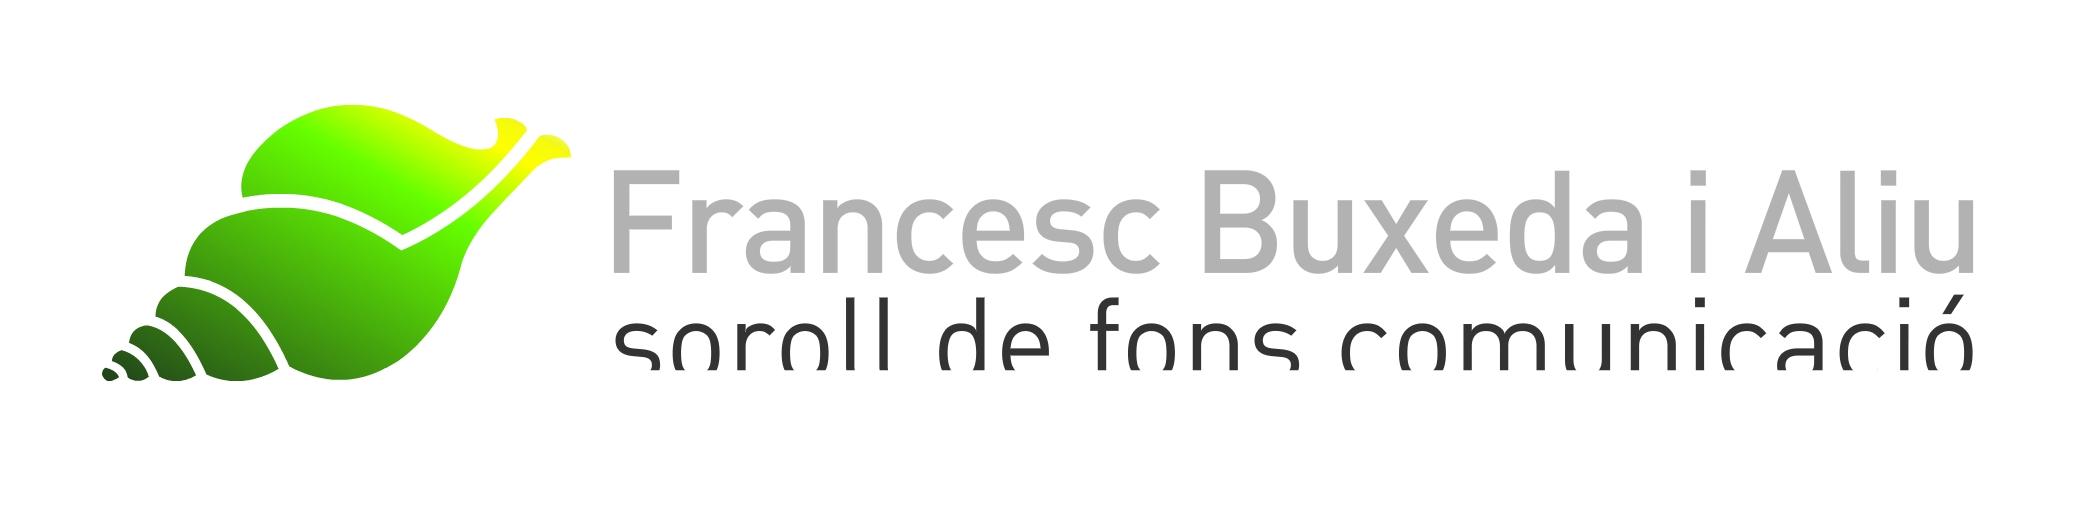 Francesc Buxeda - soroll de fons comunicació